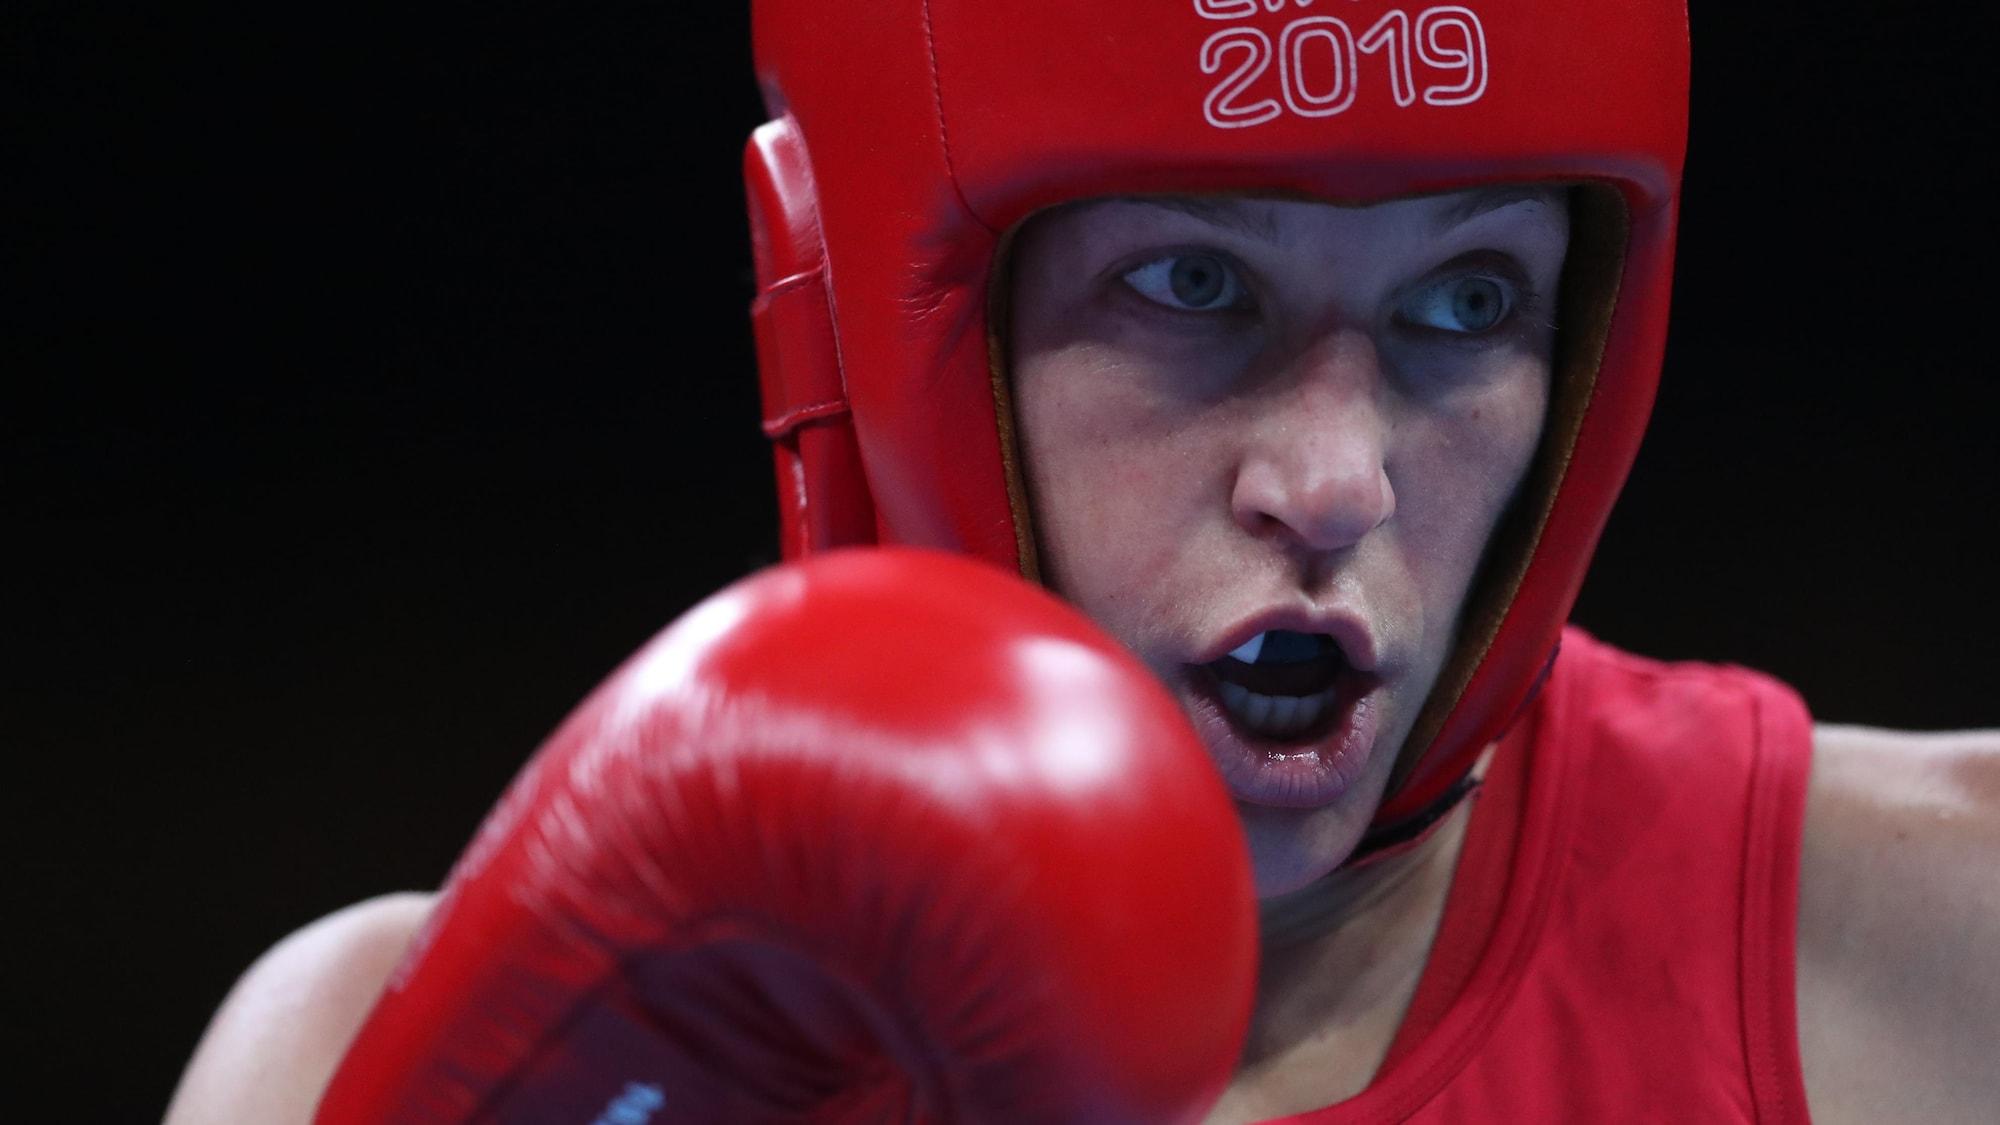 Une boxeuse regarde son adversaire pendant un combat.